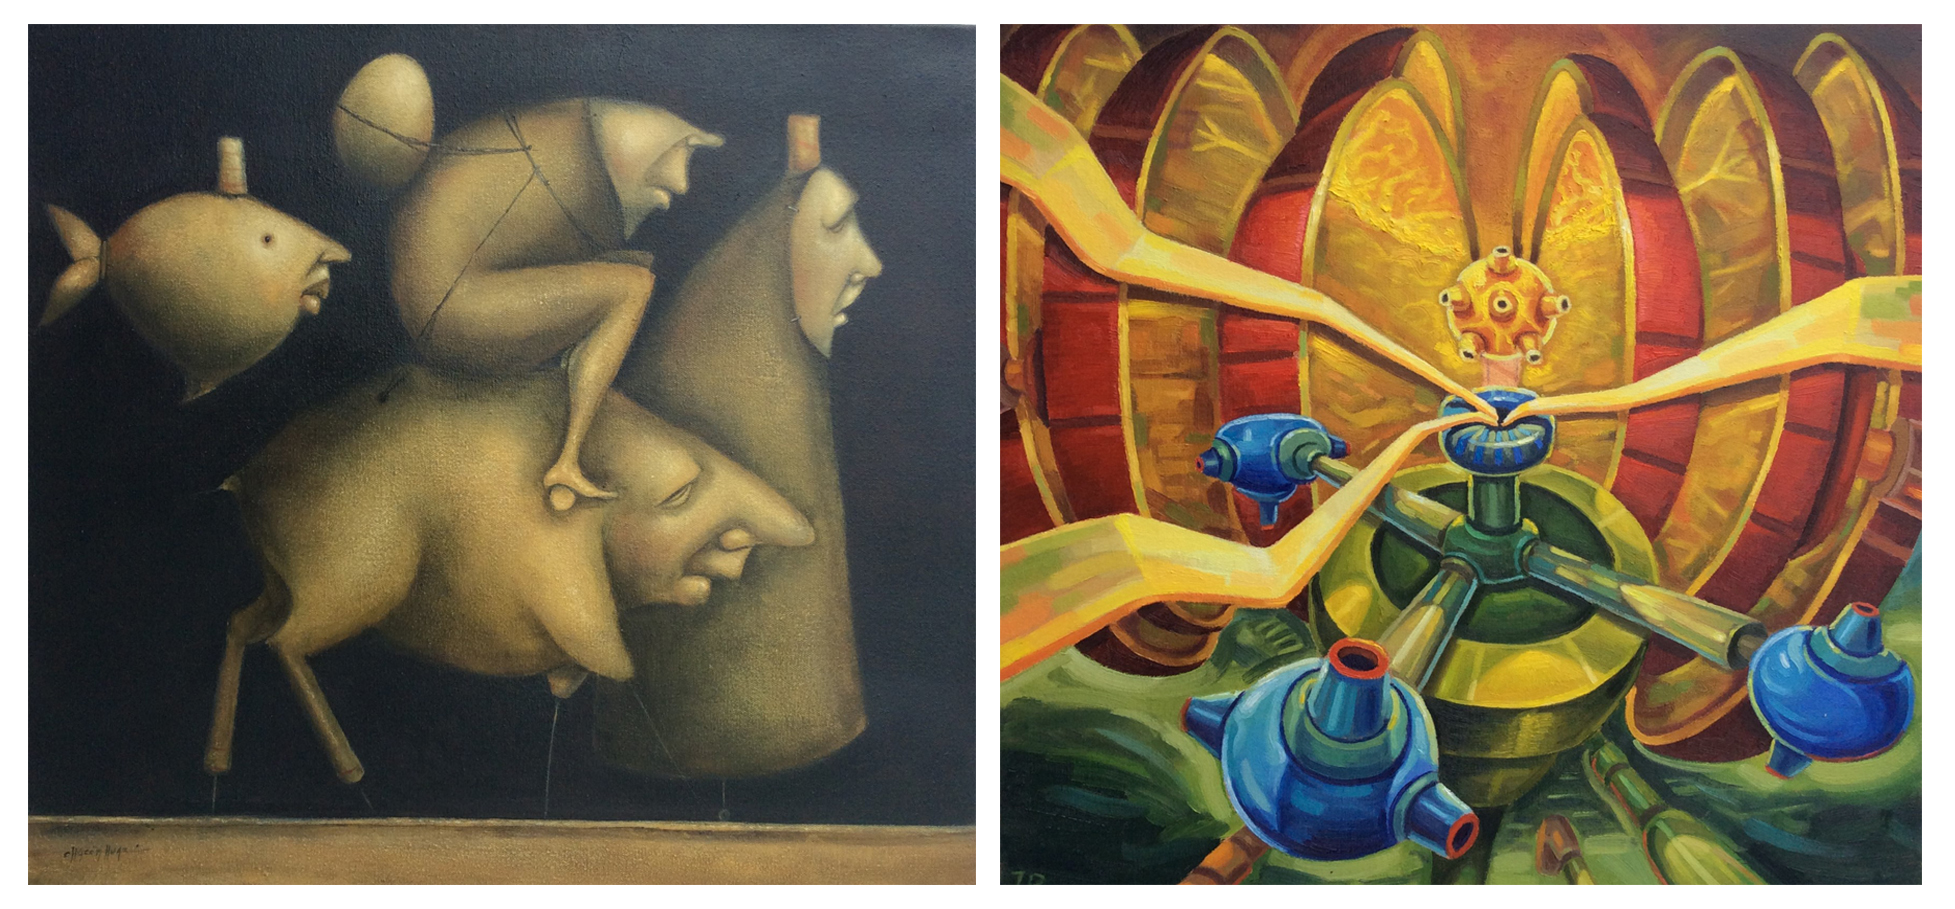 Edson Chacon,  Trotamundos   (Globetrotter) , oil on canvas                  Jorge Ramirez  , Nuclero (Nuevos Fuegos), oil on canvas